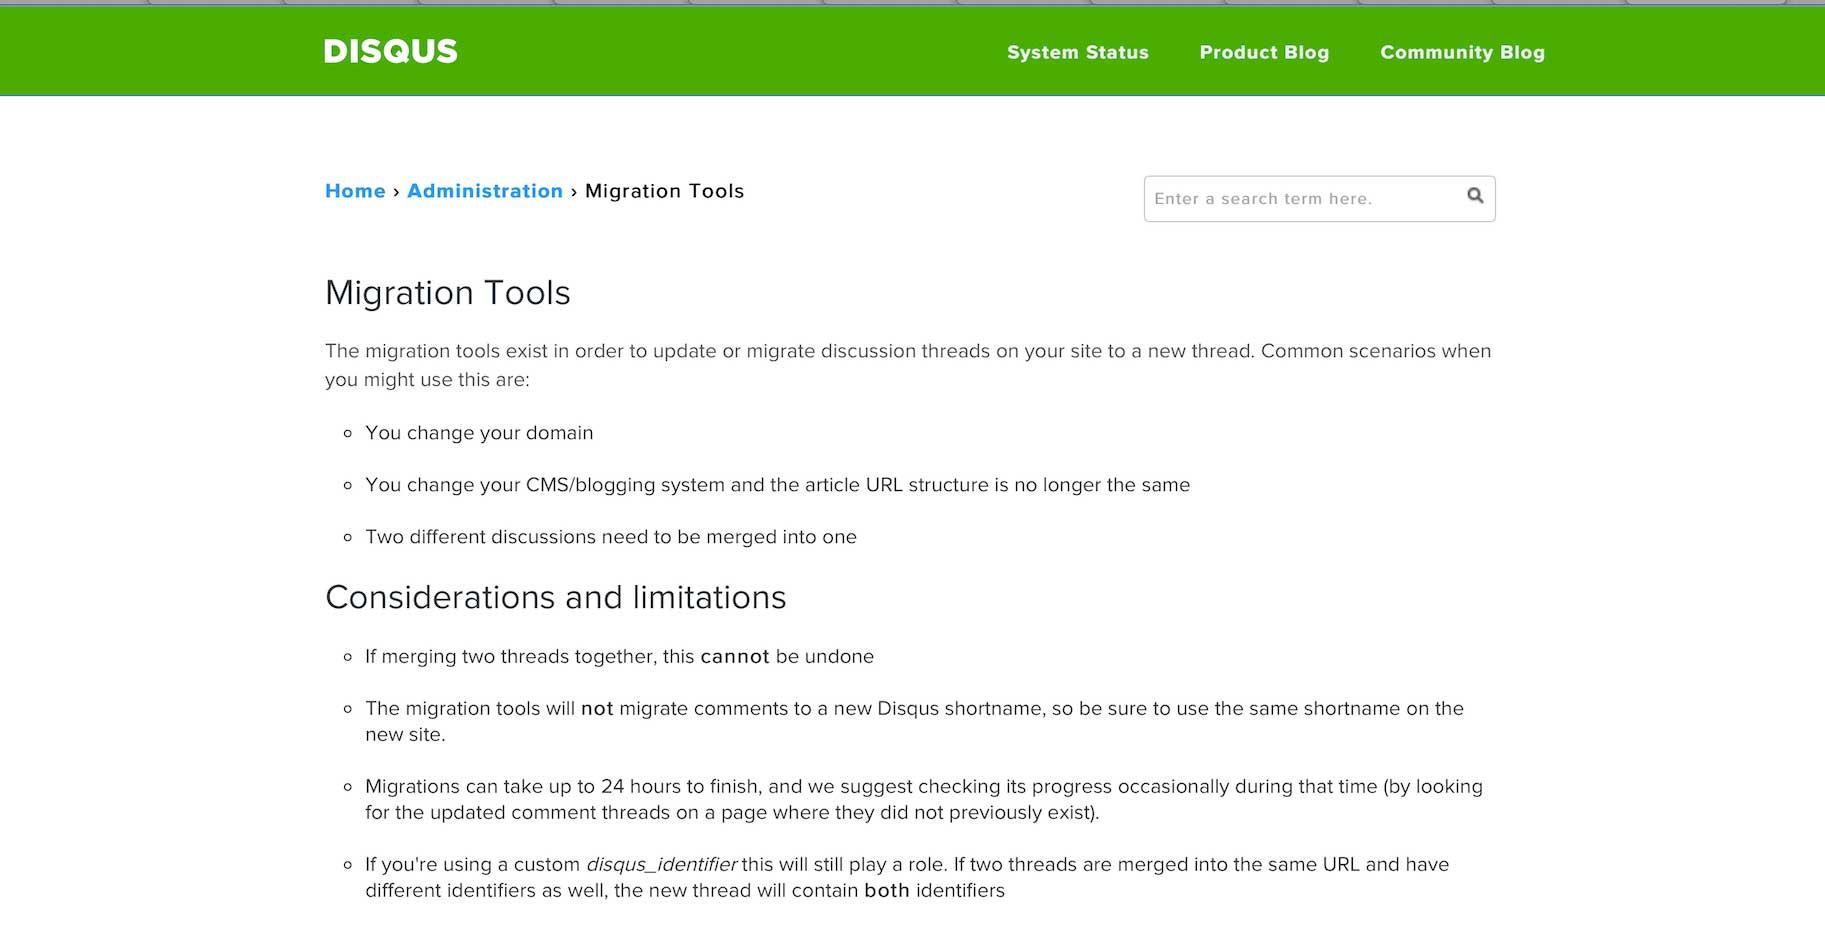 Disqus Migration Tools